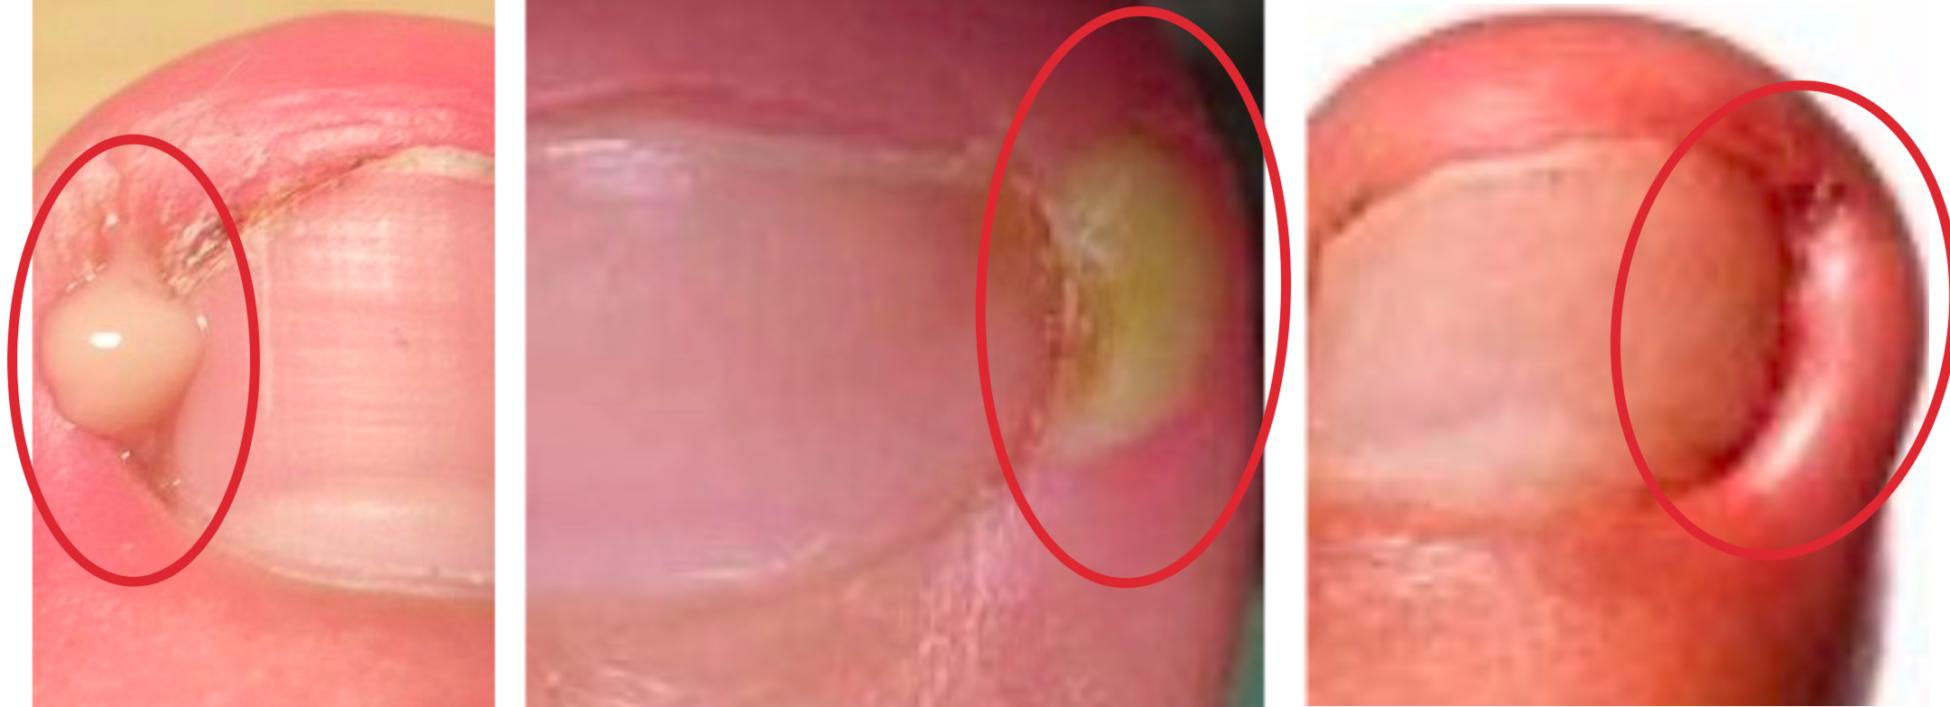 巻き爪化膿